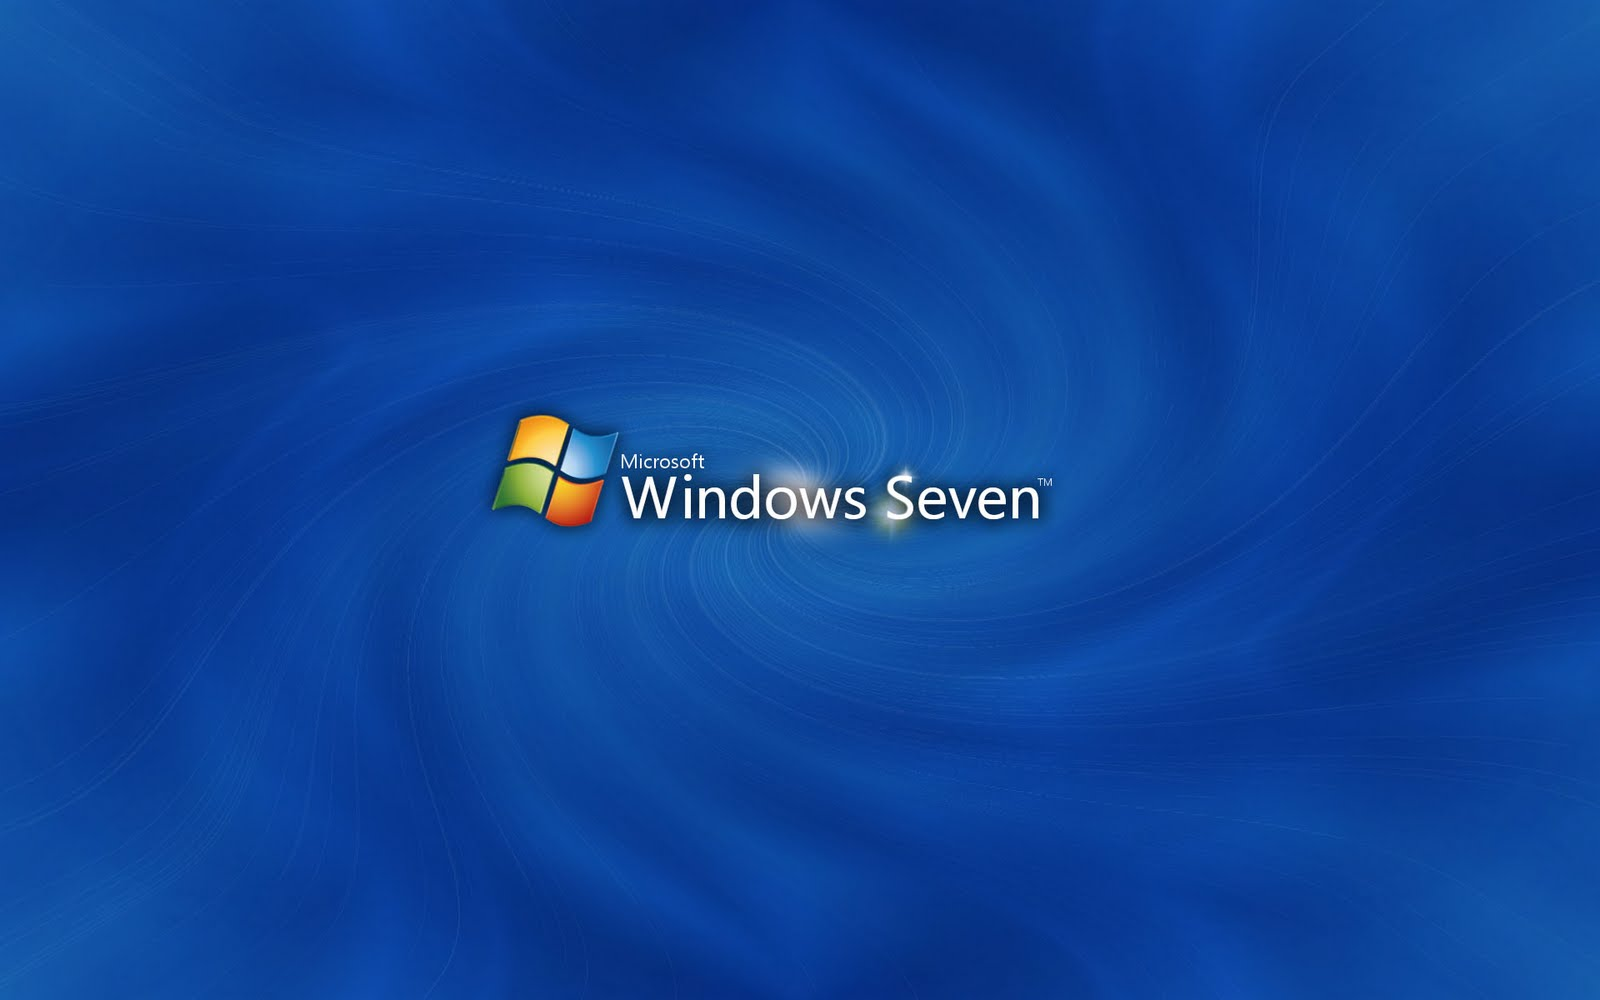 http://4.bp.blogspot.com/_MjF_Vze8t-0/TB8DxMQa1KI/AAAAAAAAANQ/yDZw-_eBtSs/s1600/windows7-wallpaper-1920x1200-1002092.jpg